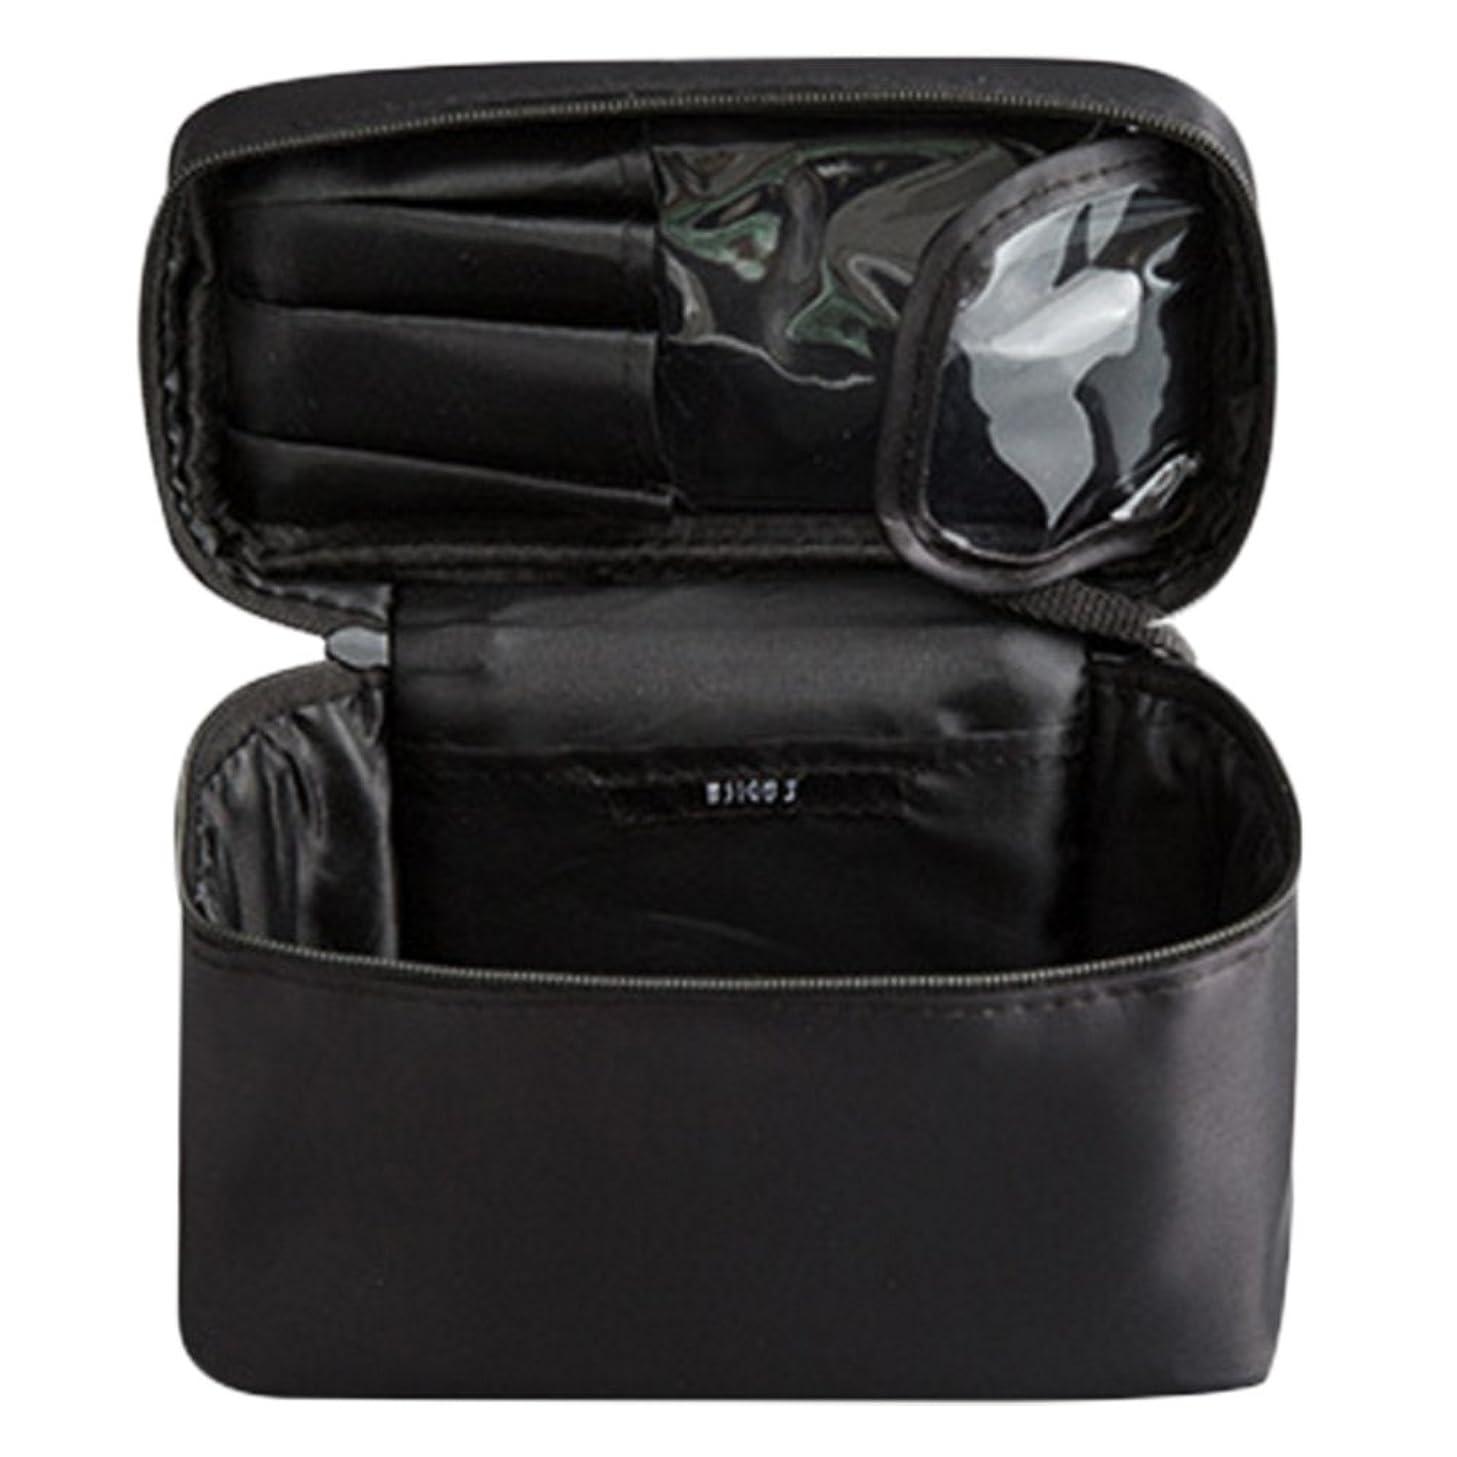 隠す長さ株式会社メイクポーチ 化粧ポーチ コスメバッグ メイクボックス トラベルポーチ メークバッグ ハンドバッグ 化粧品収納バッグ 化粧箱 ドレッサー 化粧品 収納 雑貨 小物入れ 女性  超軽量 機能的 大容量 二種類